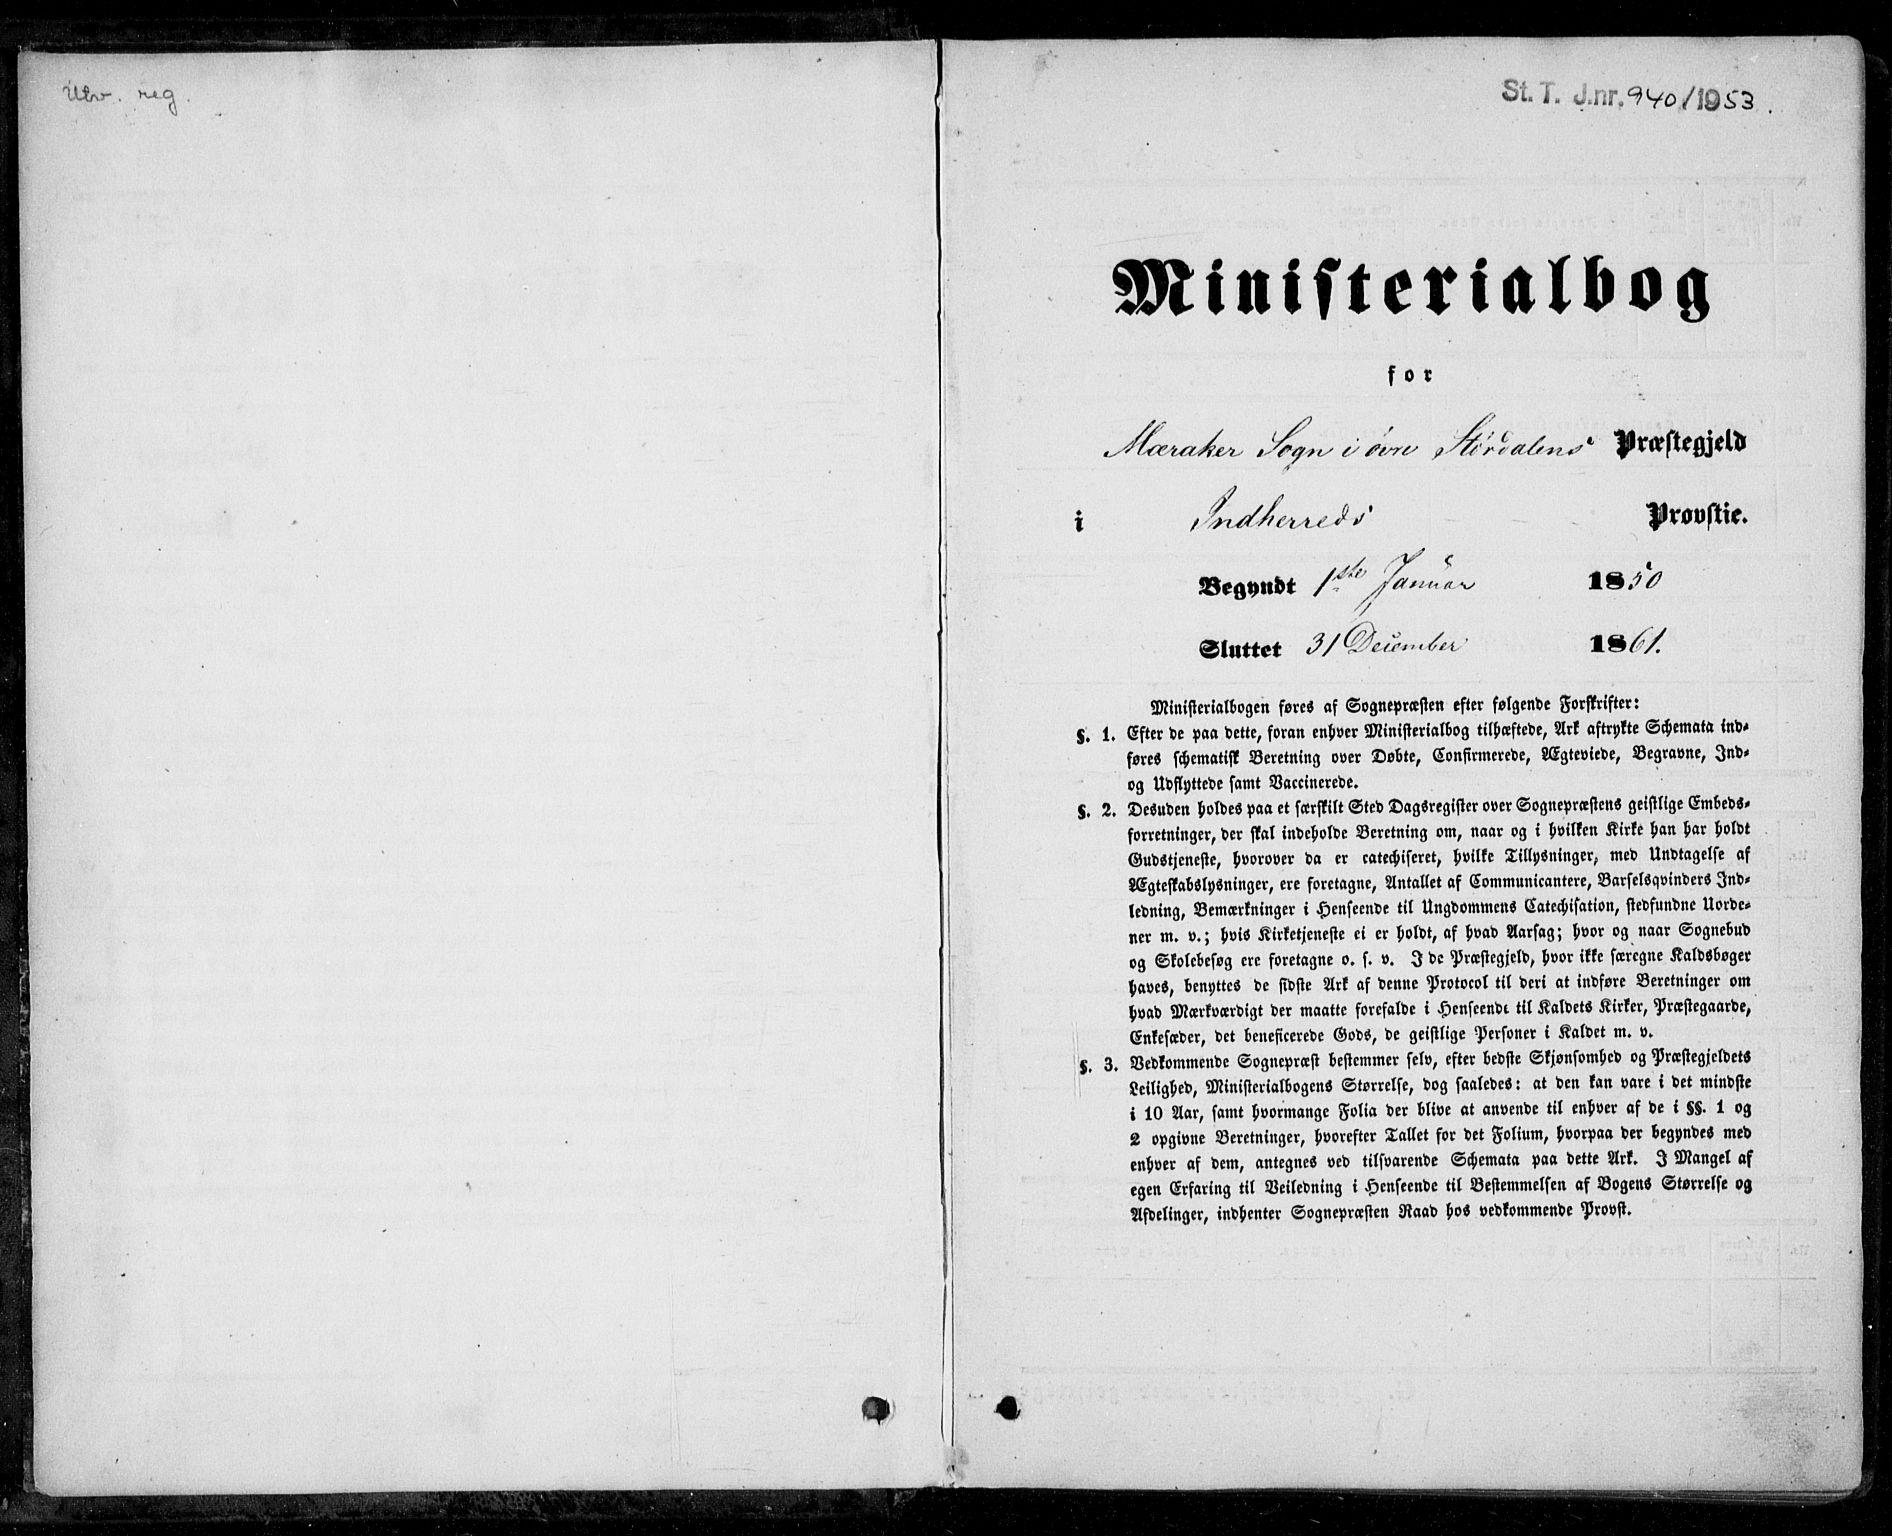 SAT, Ministerialprotokoller, klokkerbøker og fødselsregistre - Nord-Trøndelag, 706/L0040: Parish register (official) no. 706A01, 1850-1861